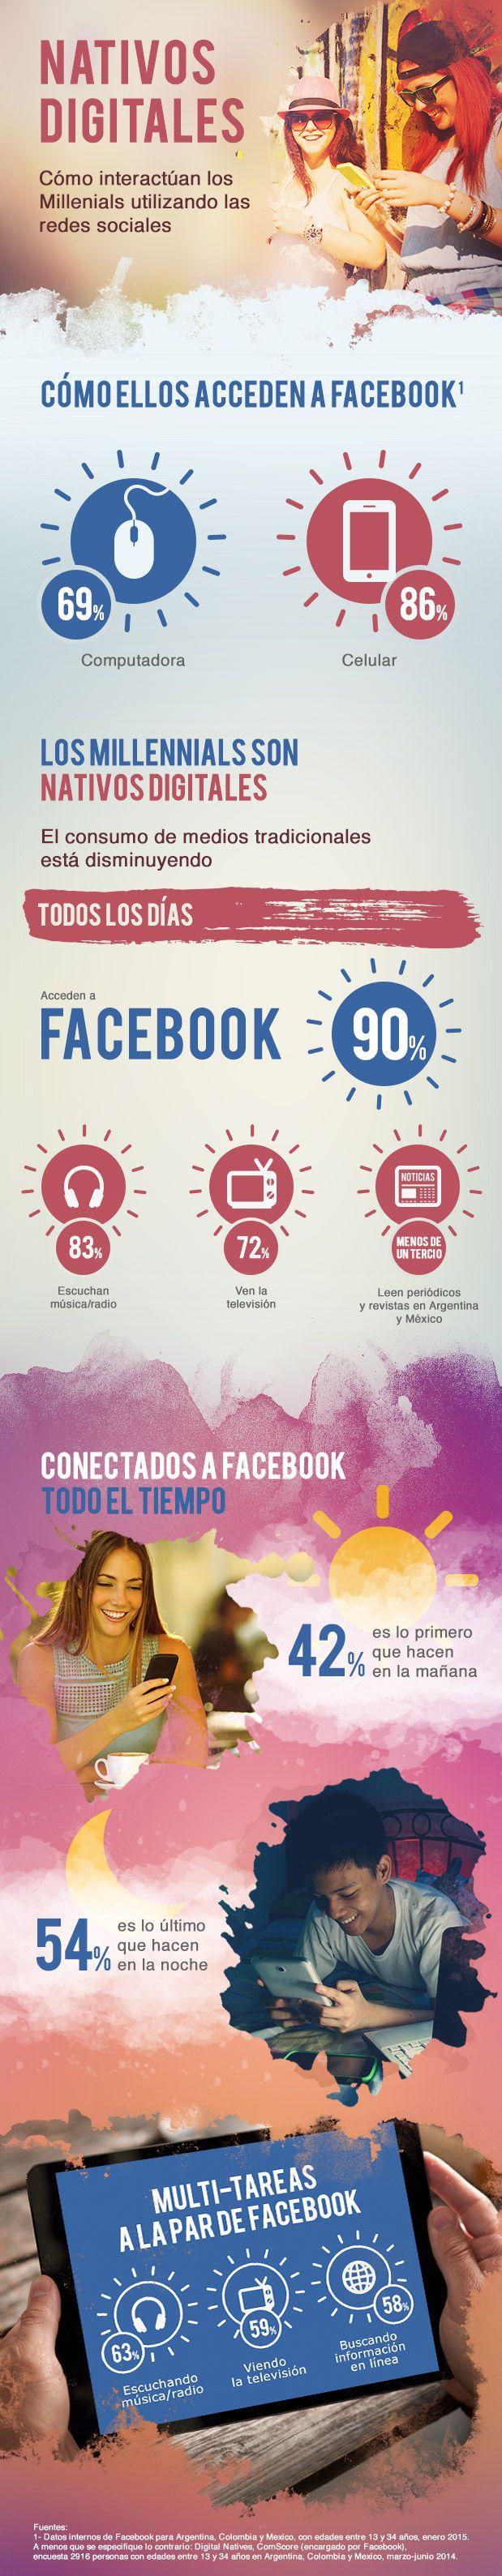 Así utilizan Facebook los Millennials en México y Latinoamérica | Infografía